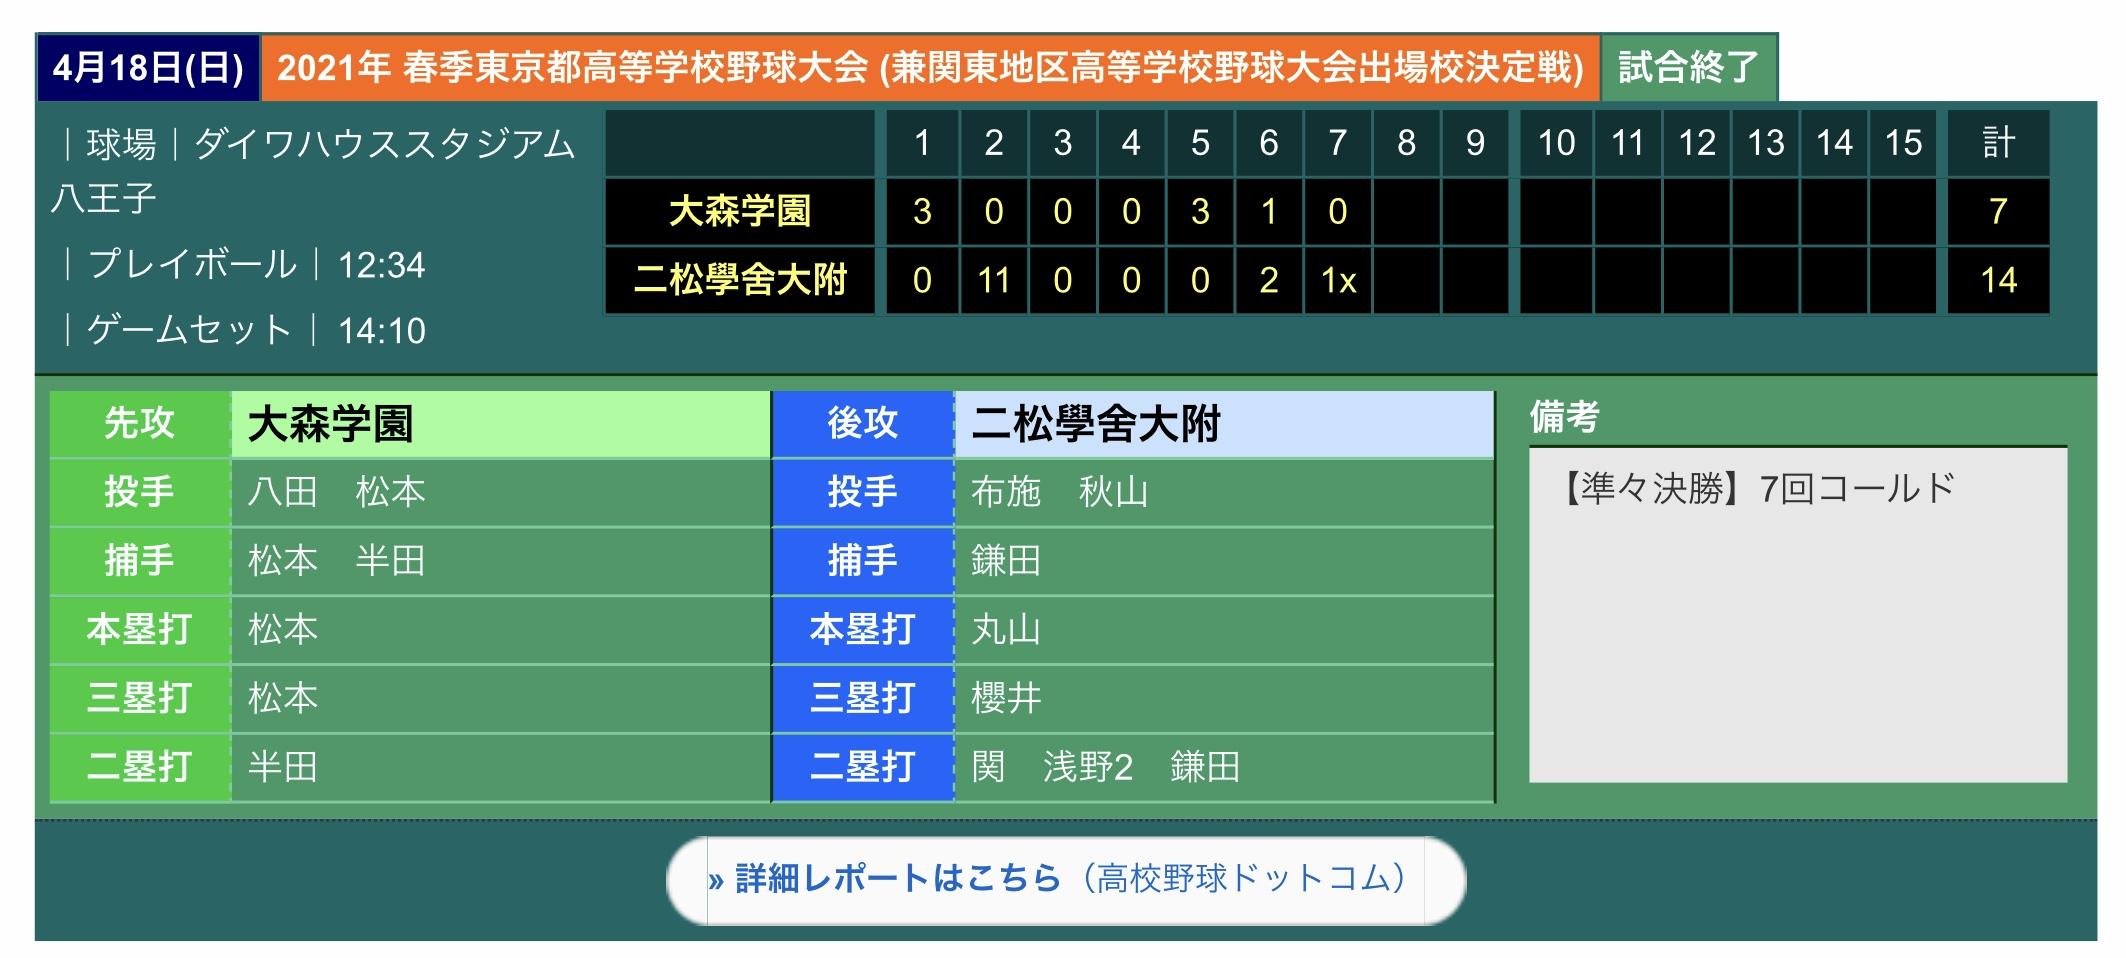 【硬式野球部】春季東京都高等学校野球大会準々決勝